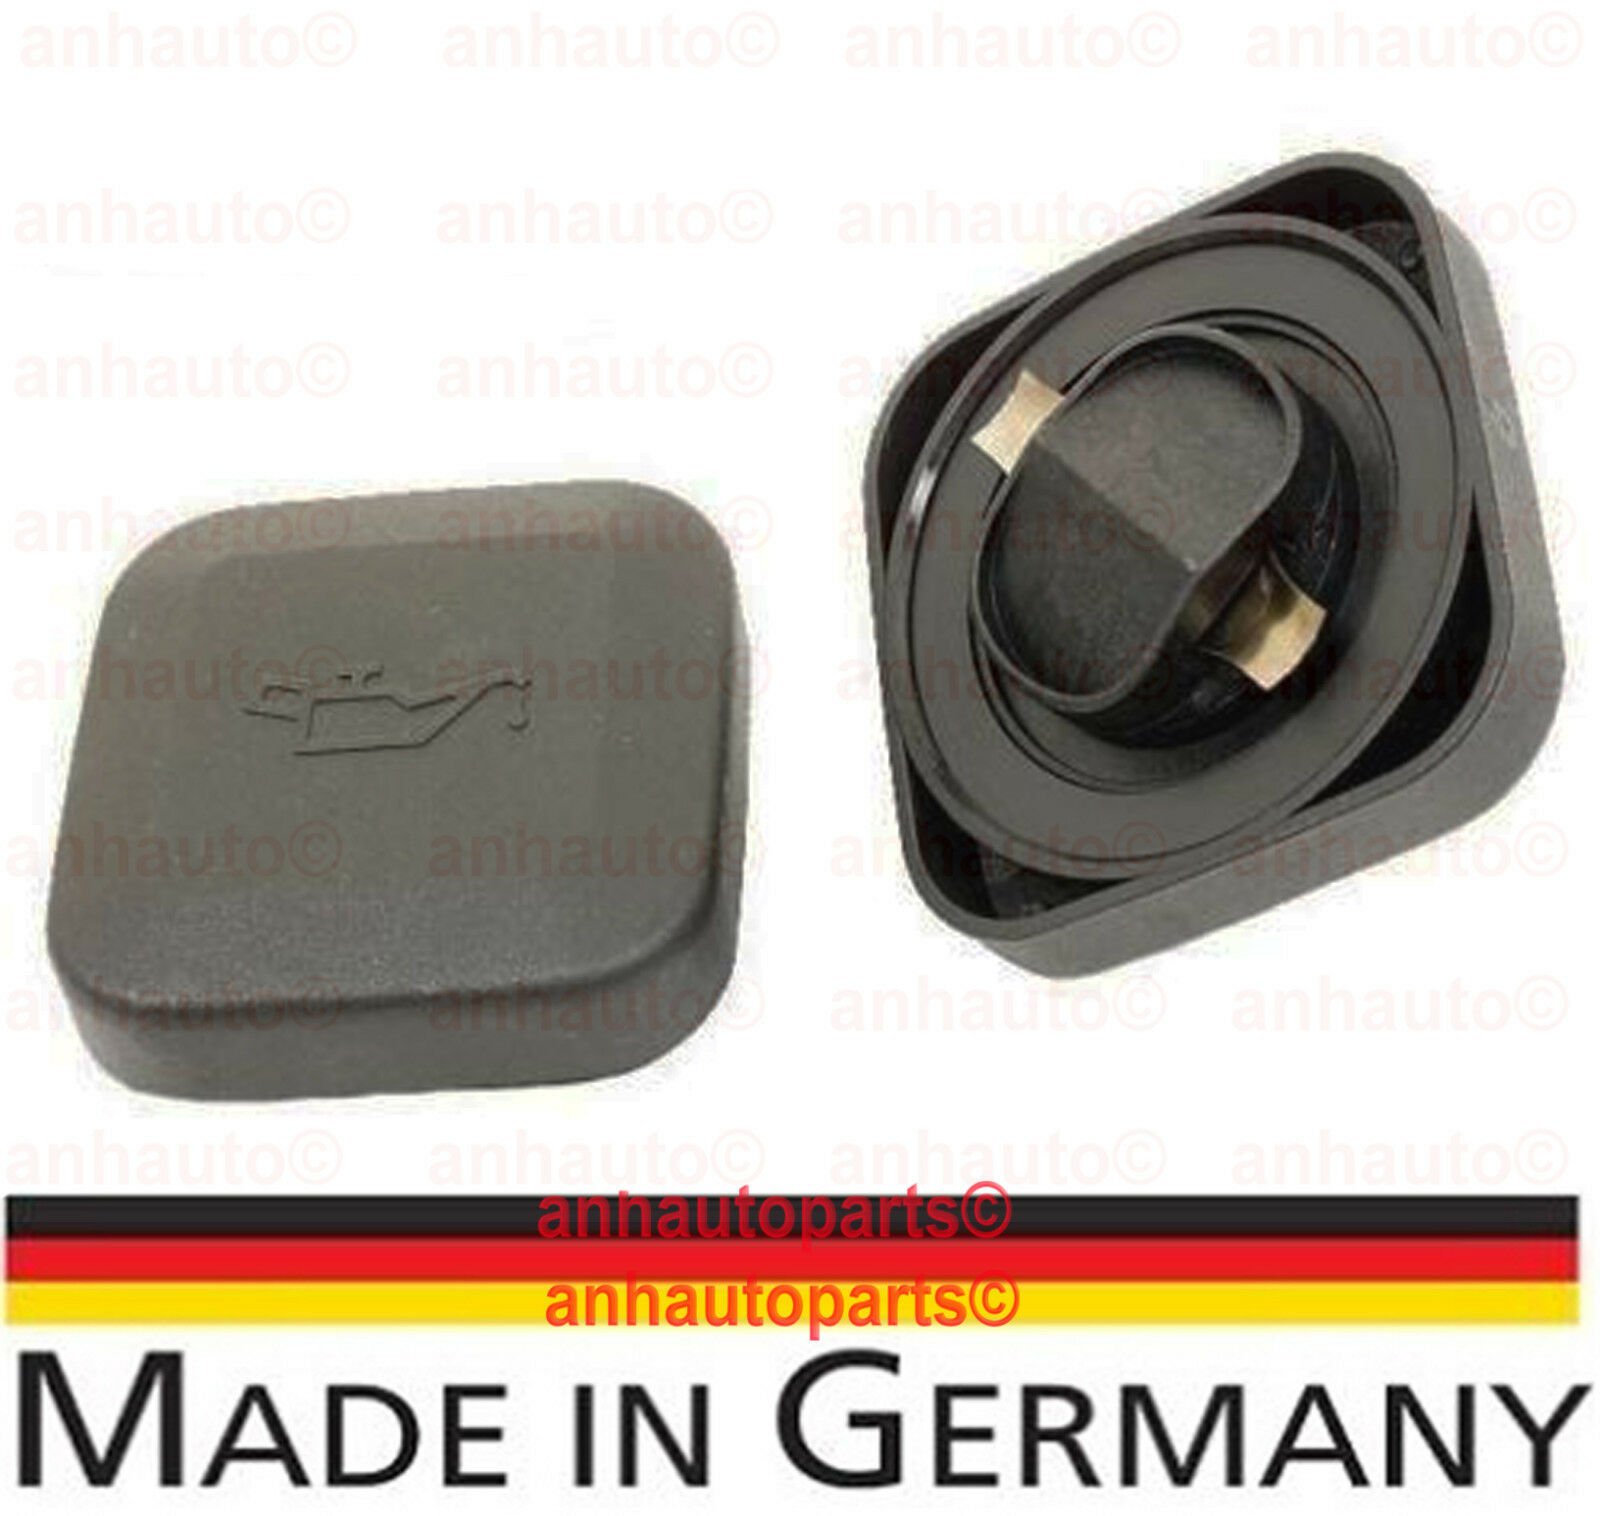 Engine Oil Filler Cap for BMW 11121739340 | Wundr-Shop